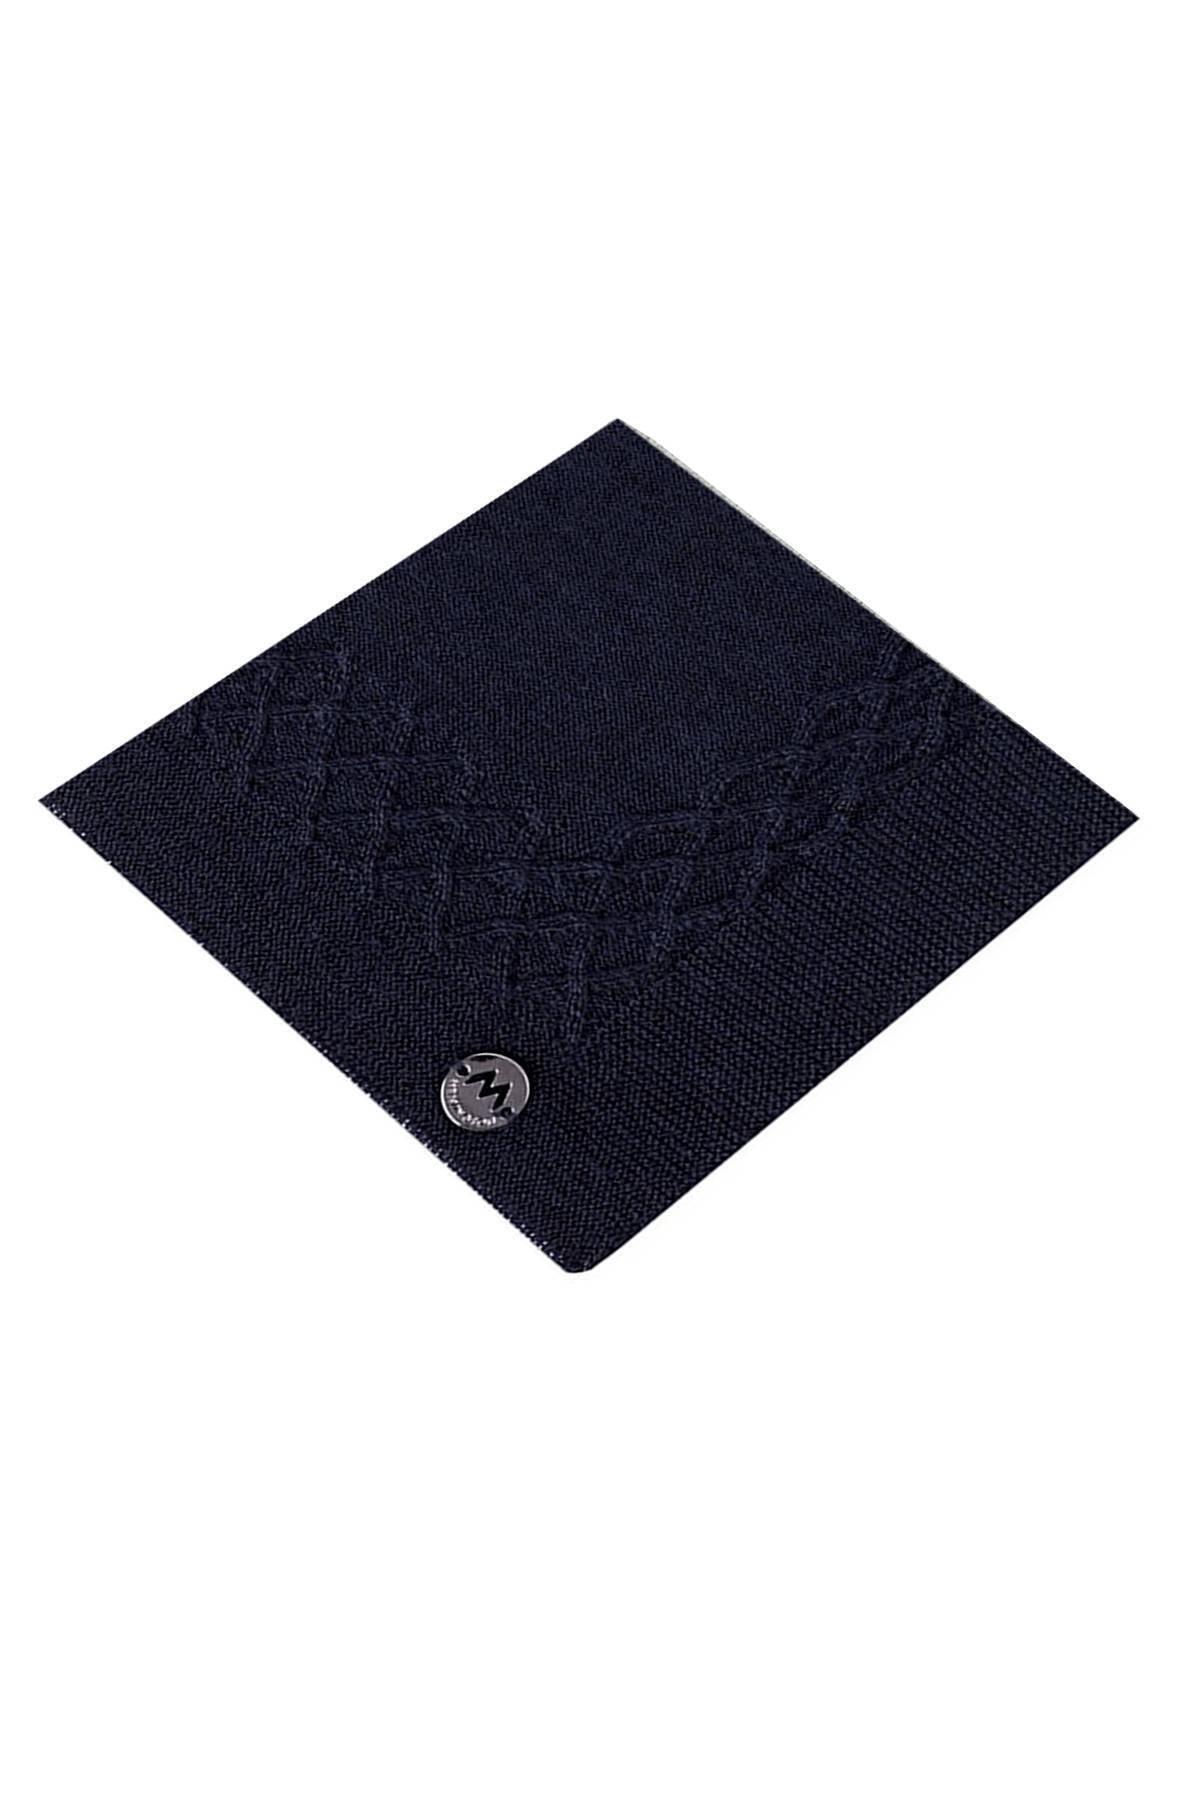 Hemington Örgü Ceket Mendili 1